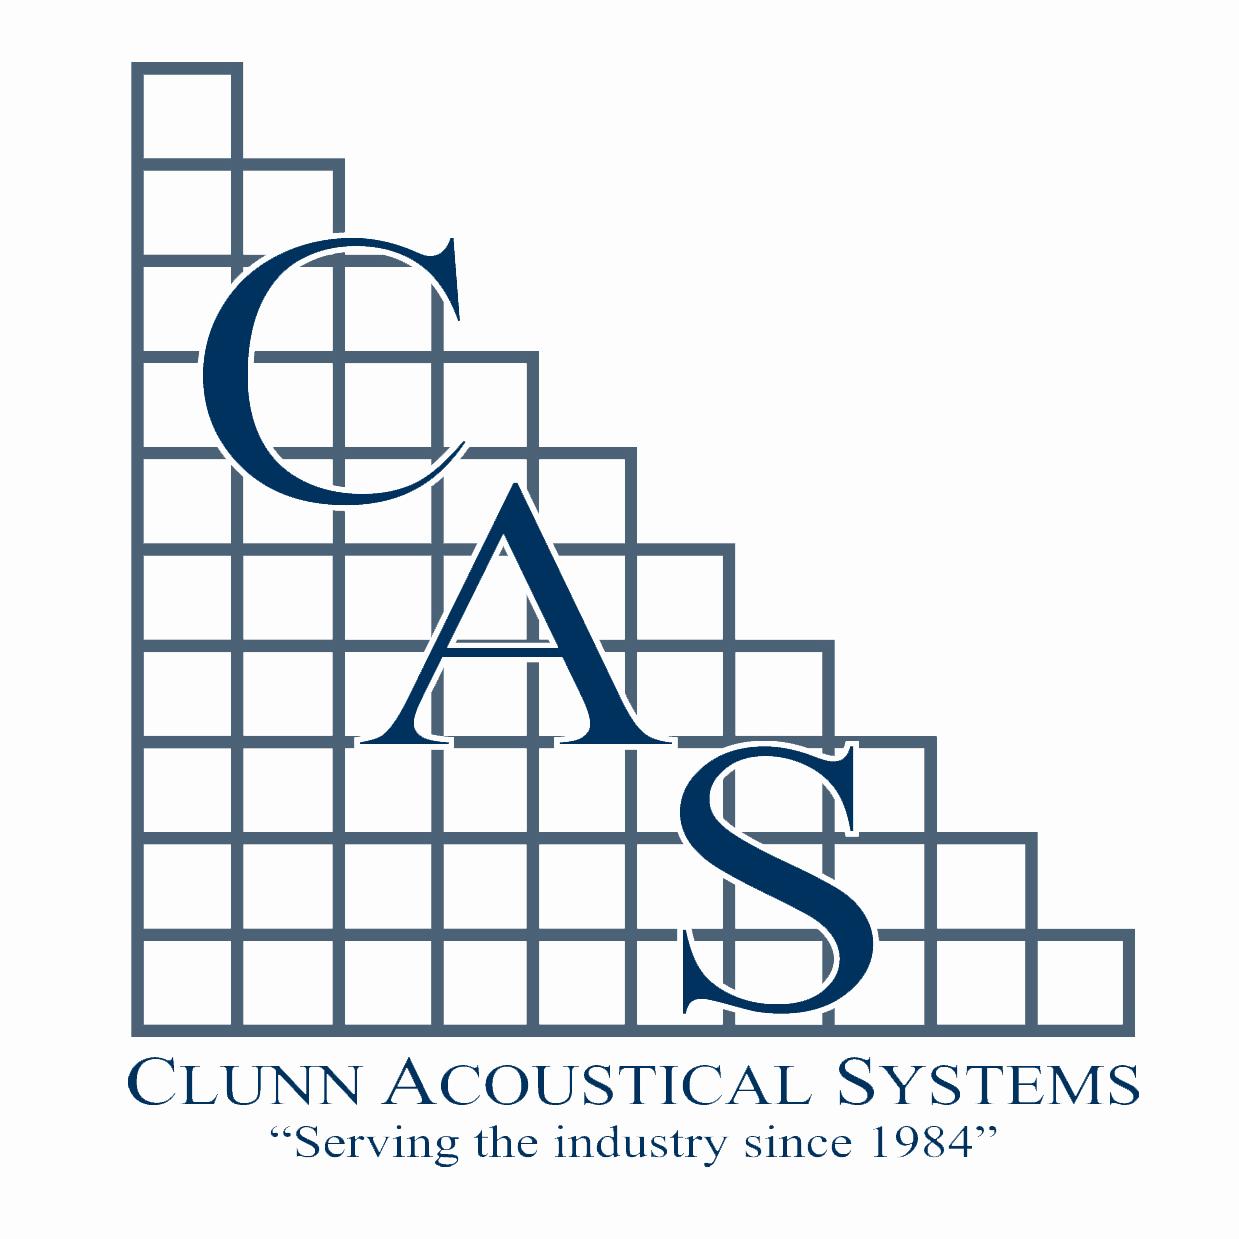 Clunn Acoustical Systems logo